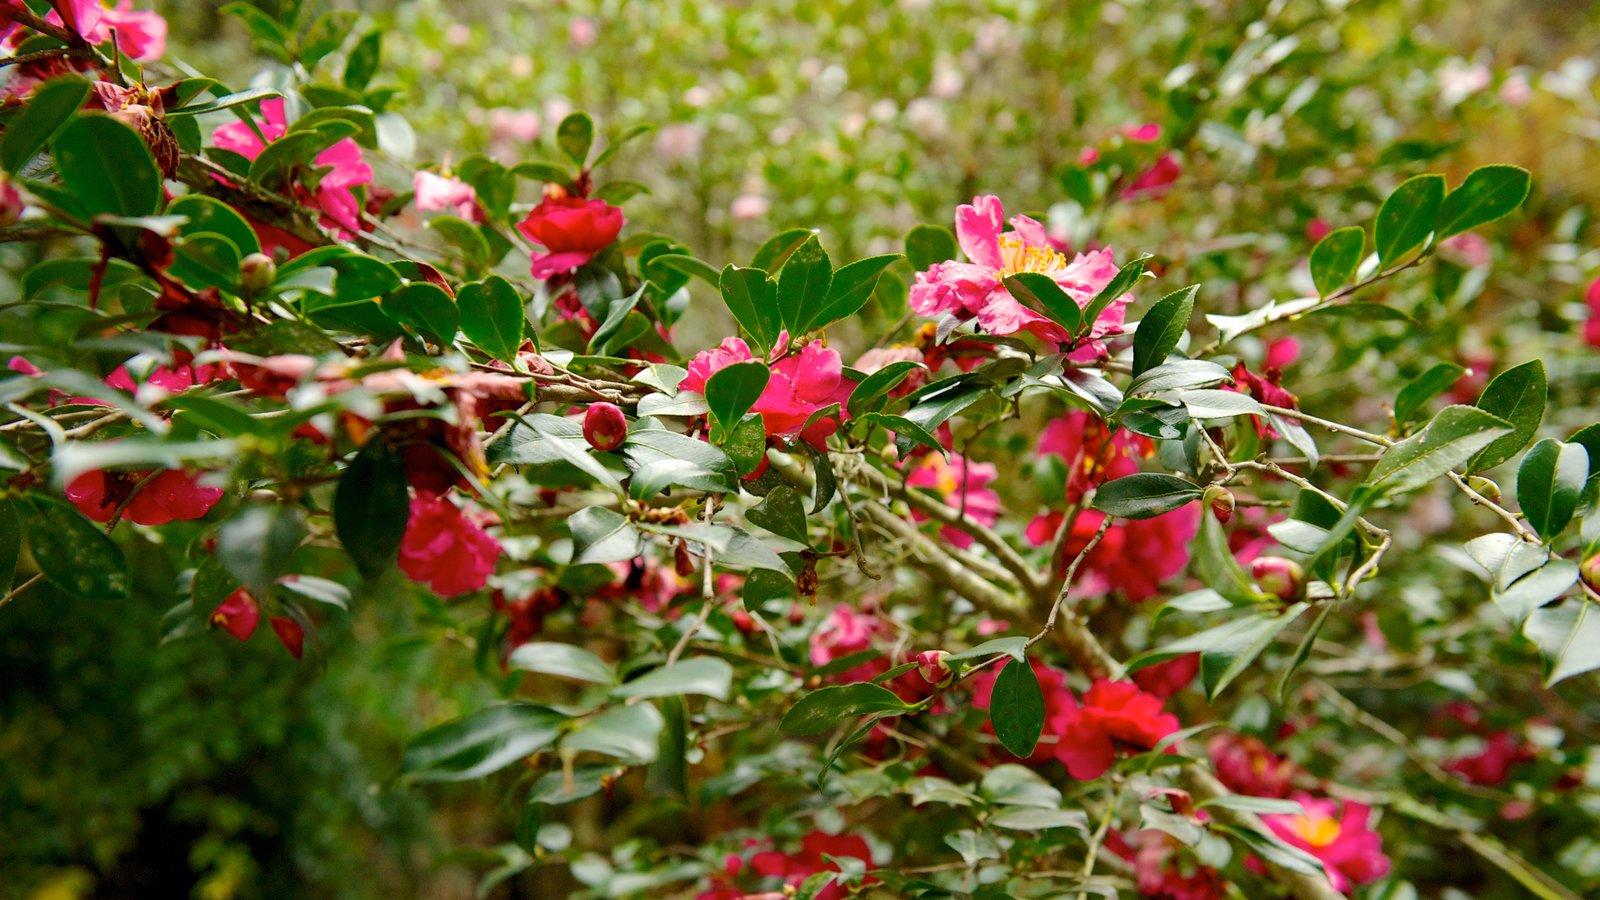 Magnolia Plantation and Gardens caracterizando um parque, flores silvestres e flores